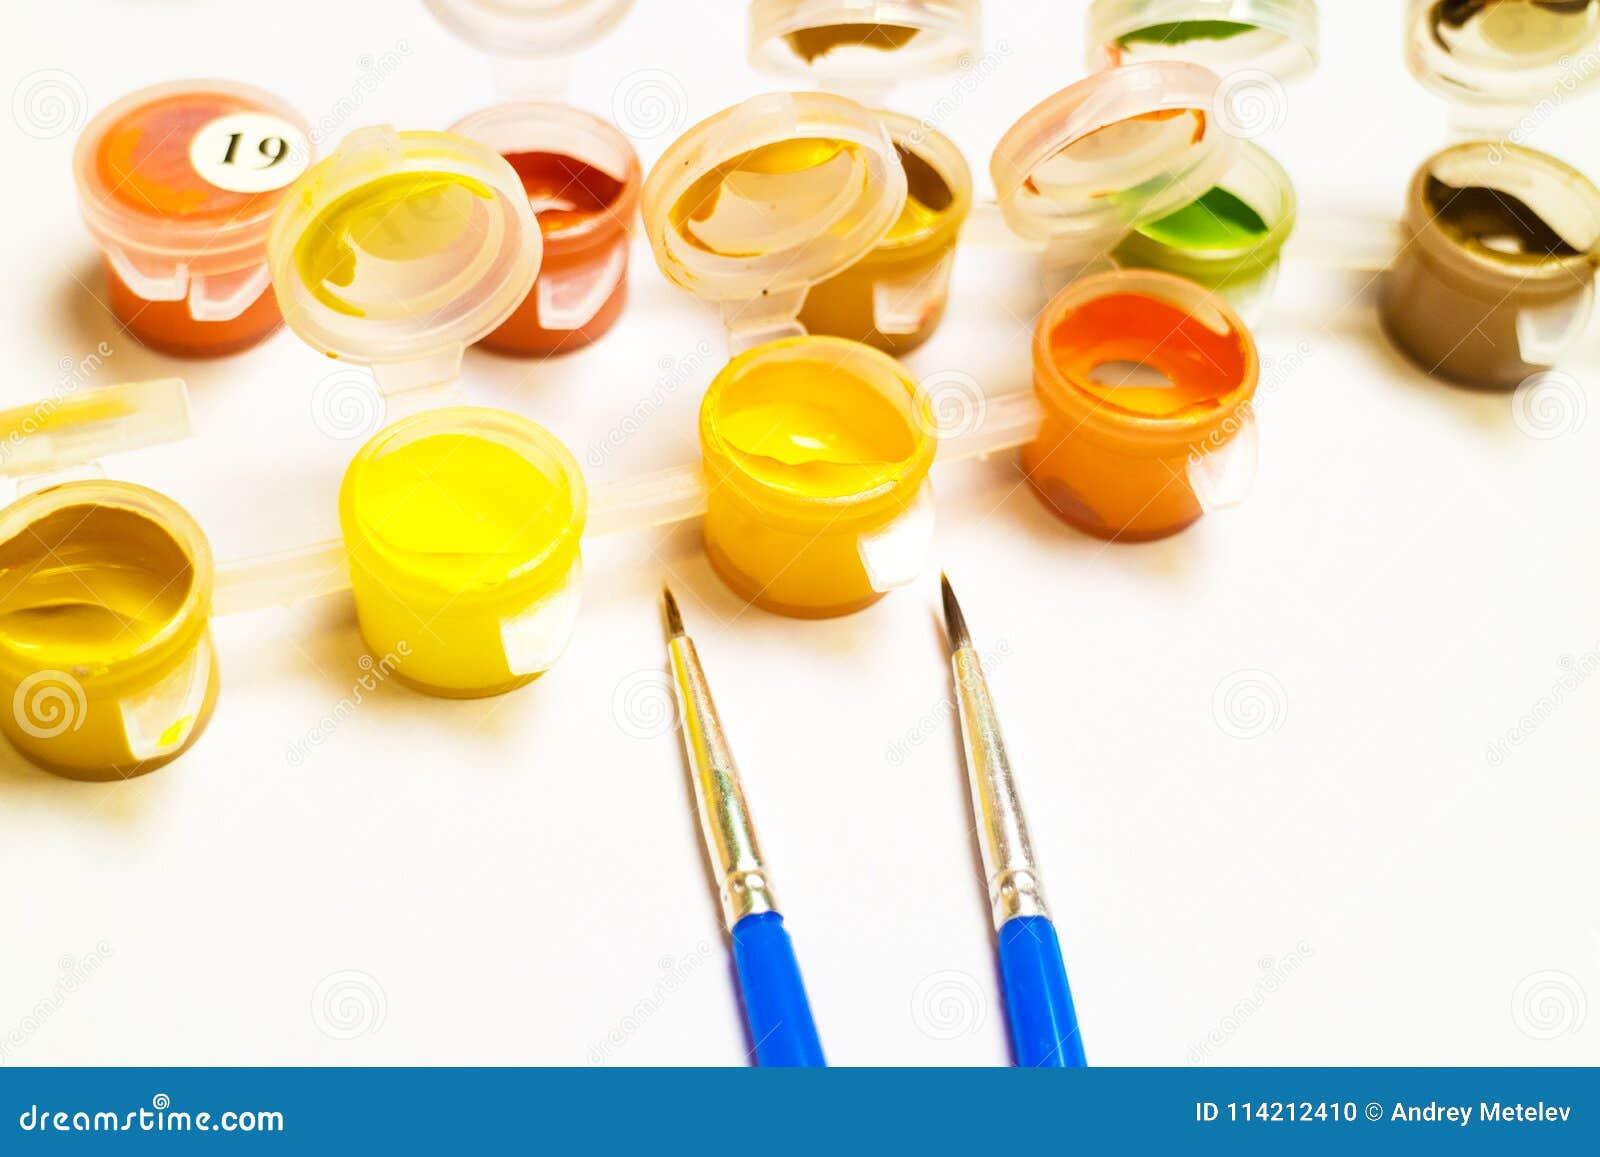 油漆的两支蓝色画笔在他们旁边的白色背景有油漆树胶水彩画颜料的容器